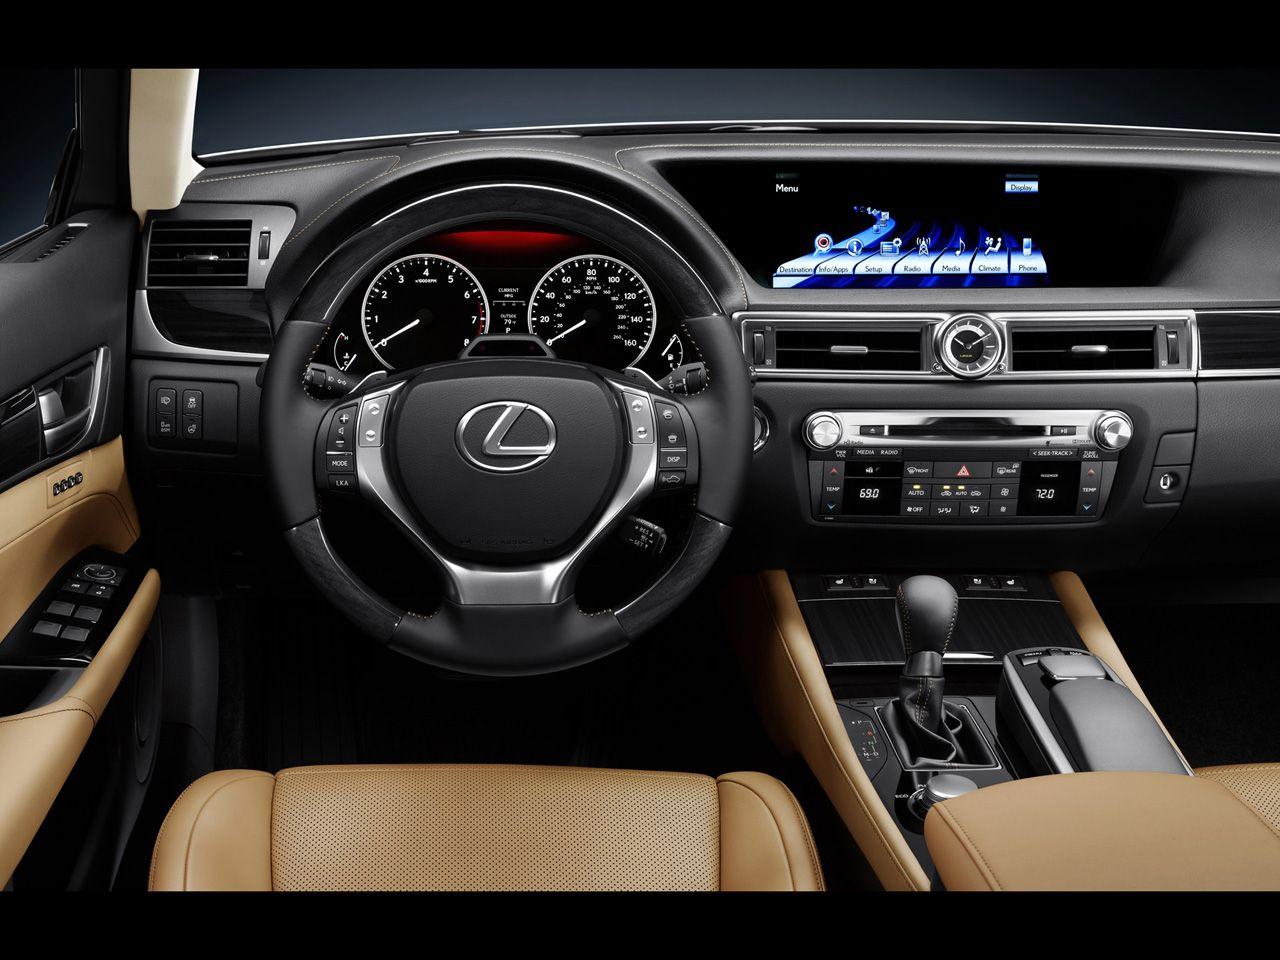 2013 Lexus Gs 350 Dashboard 1280x960 Wallpaper Lexus Ct200h Lexus Lexus Ls